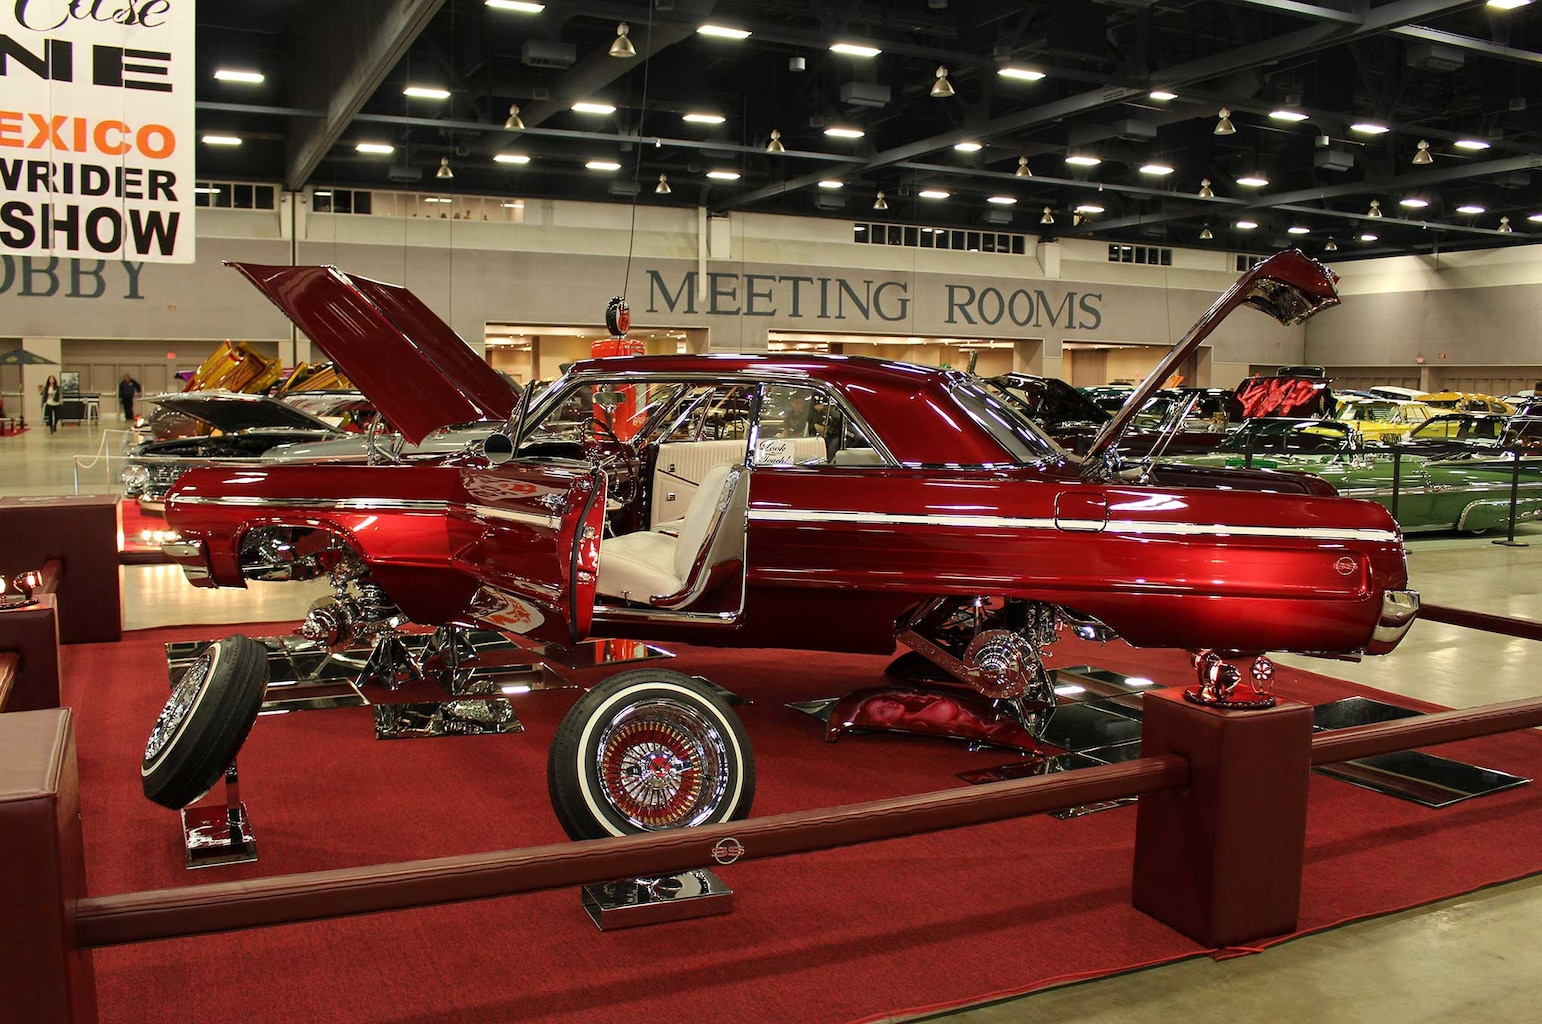 030 2015 albuquerque car show and concert chevrolet impala